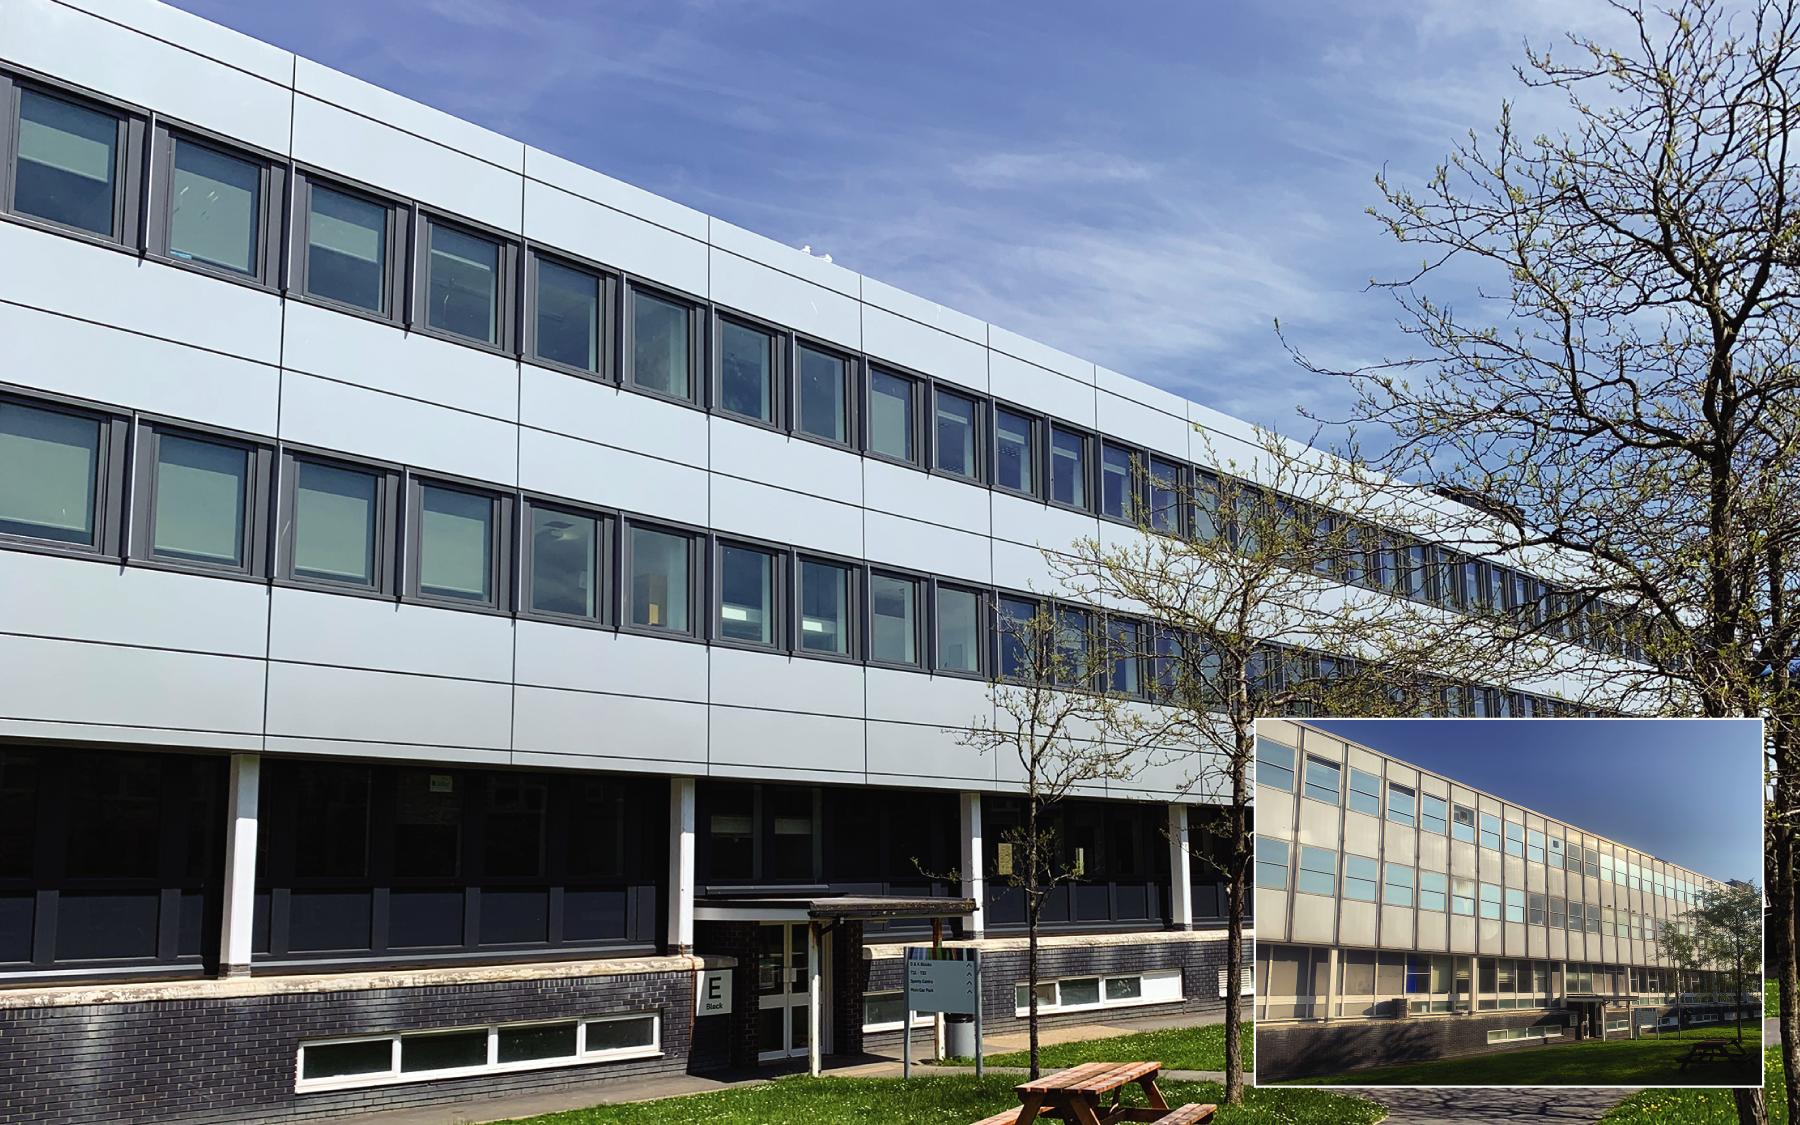 Petroc College, North Devon Campus